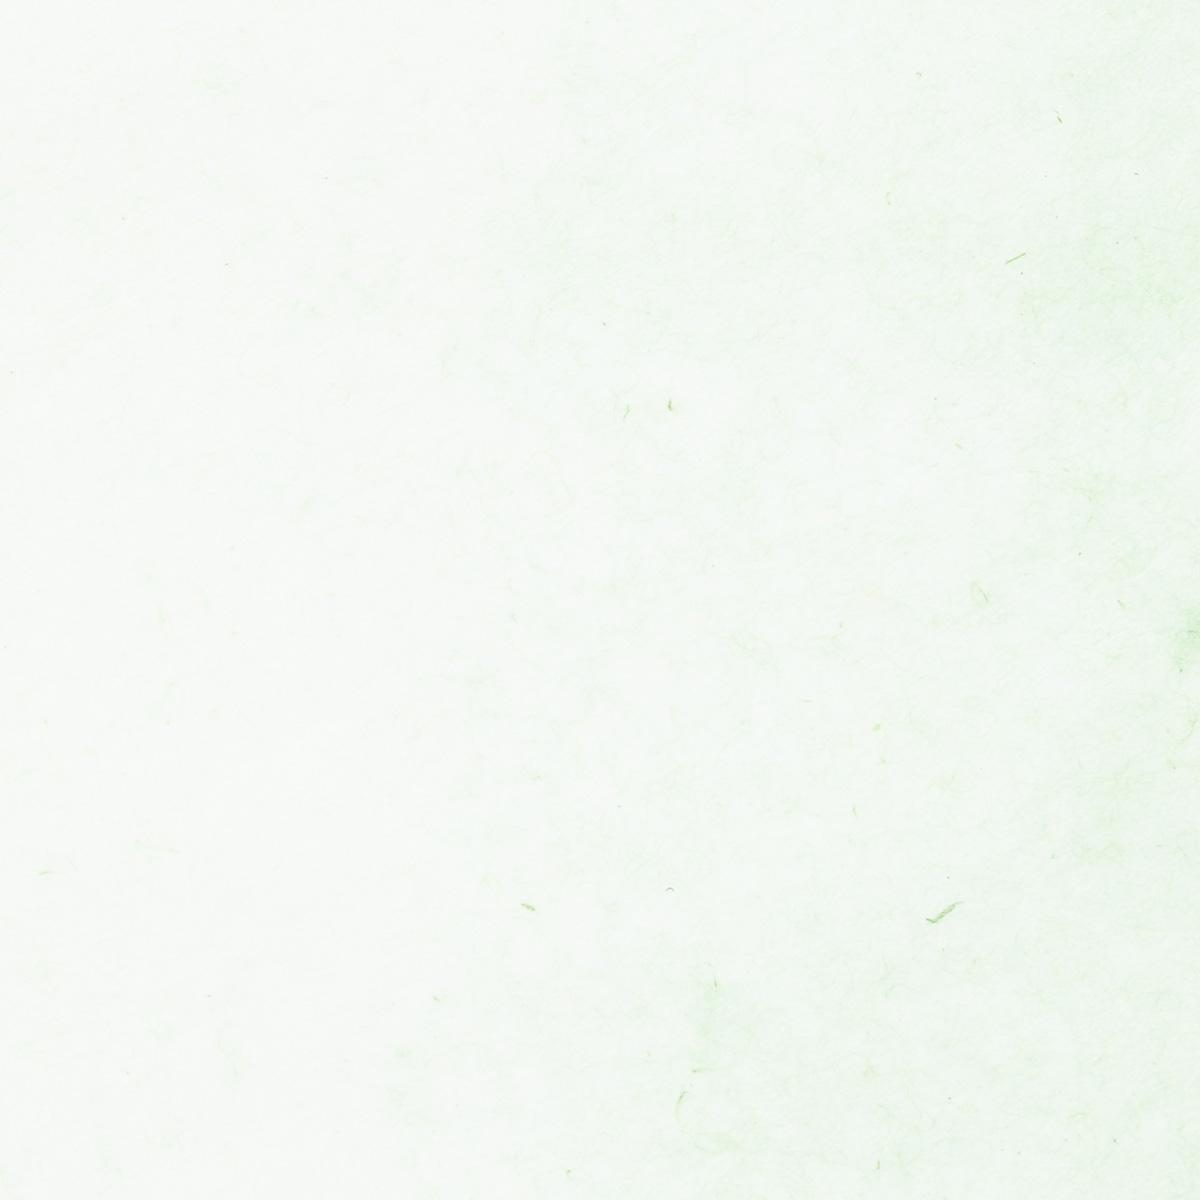 黒谷 画仙紙 半切 雲入二色 オレンジ/緑